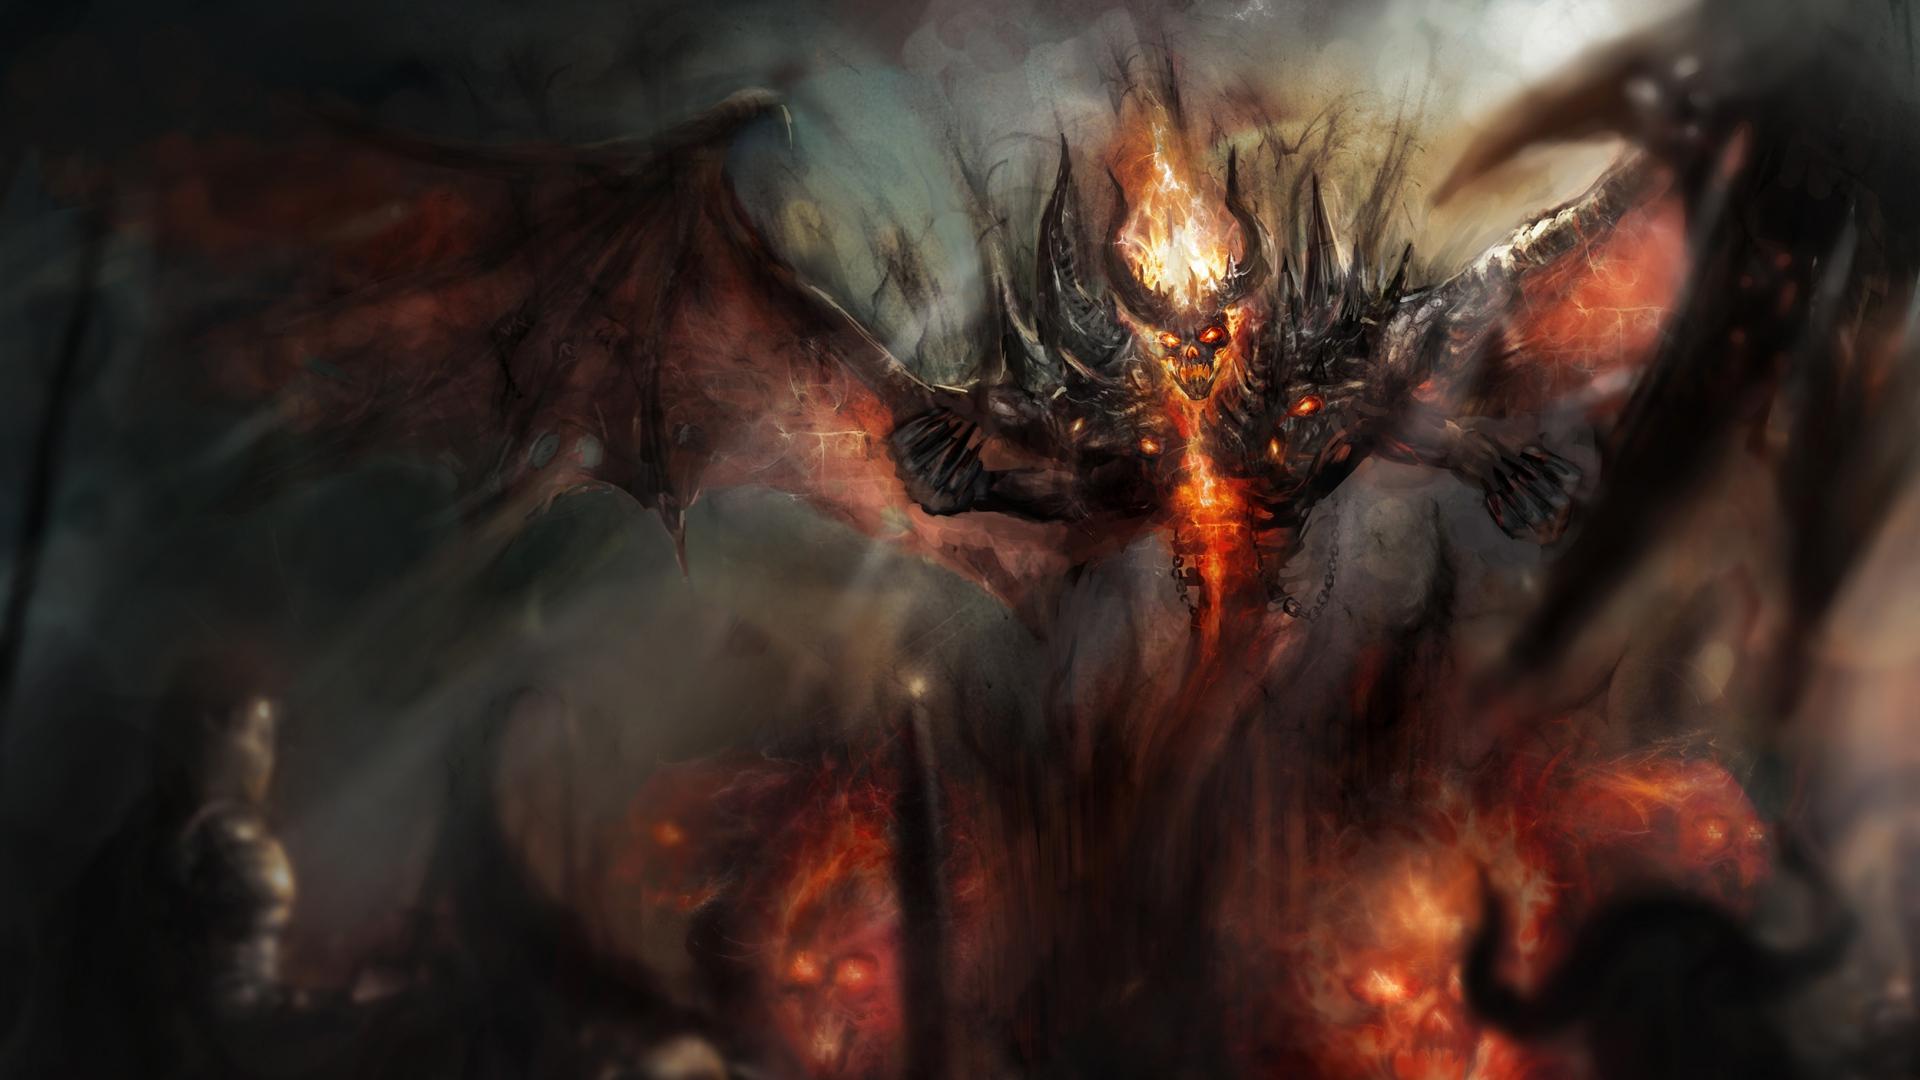 Download 1920x1080 HD Wallpaper dota 2 nevermore demon smoke fire 1920x1080